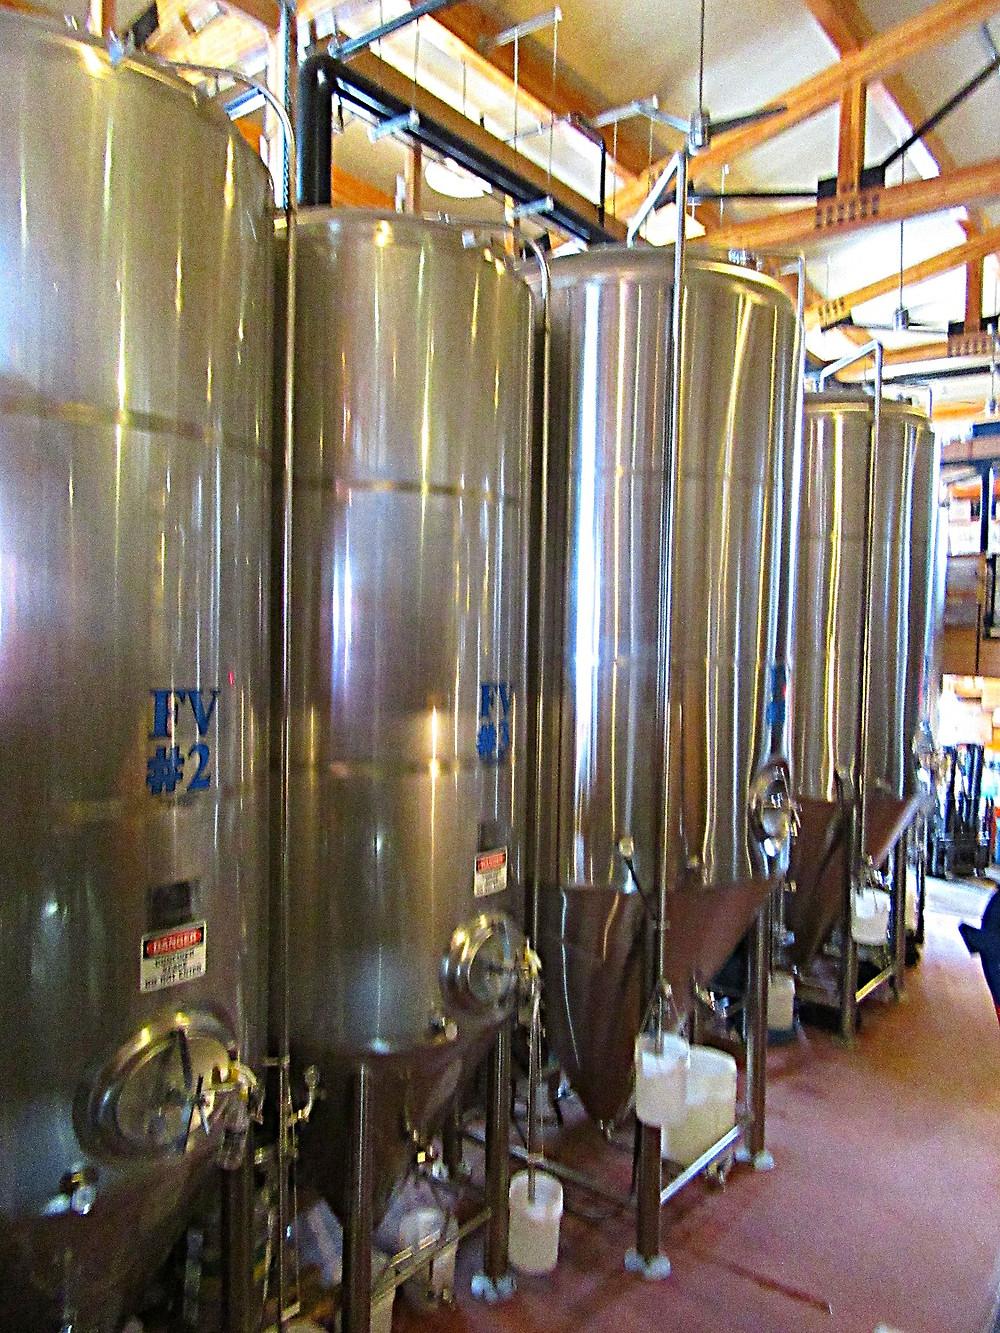 Traveleidoscope:  Icicle Brewing Company, Leavenworth, Washington